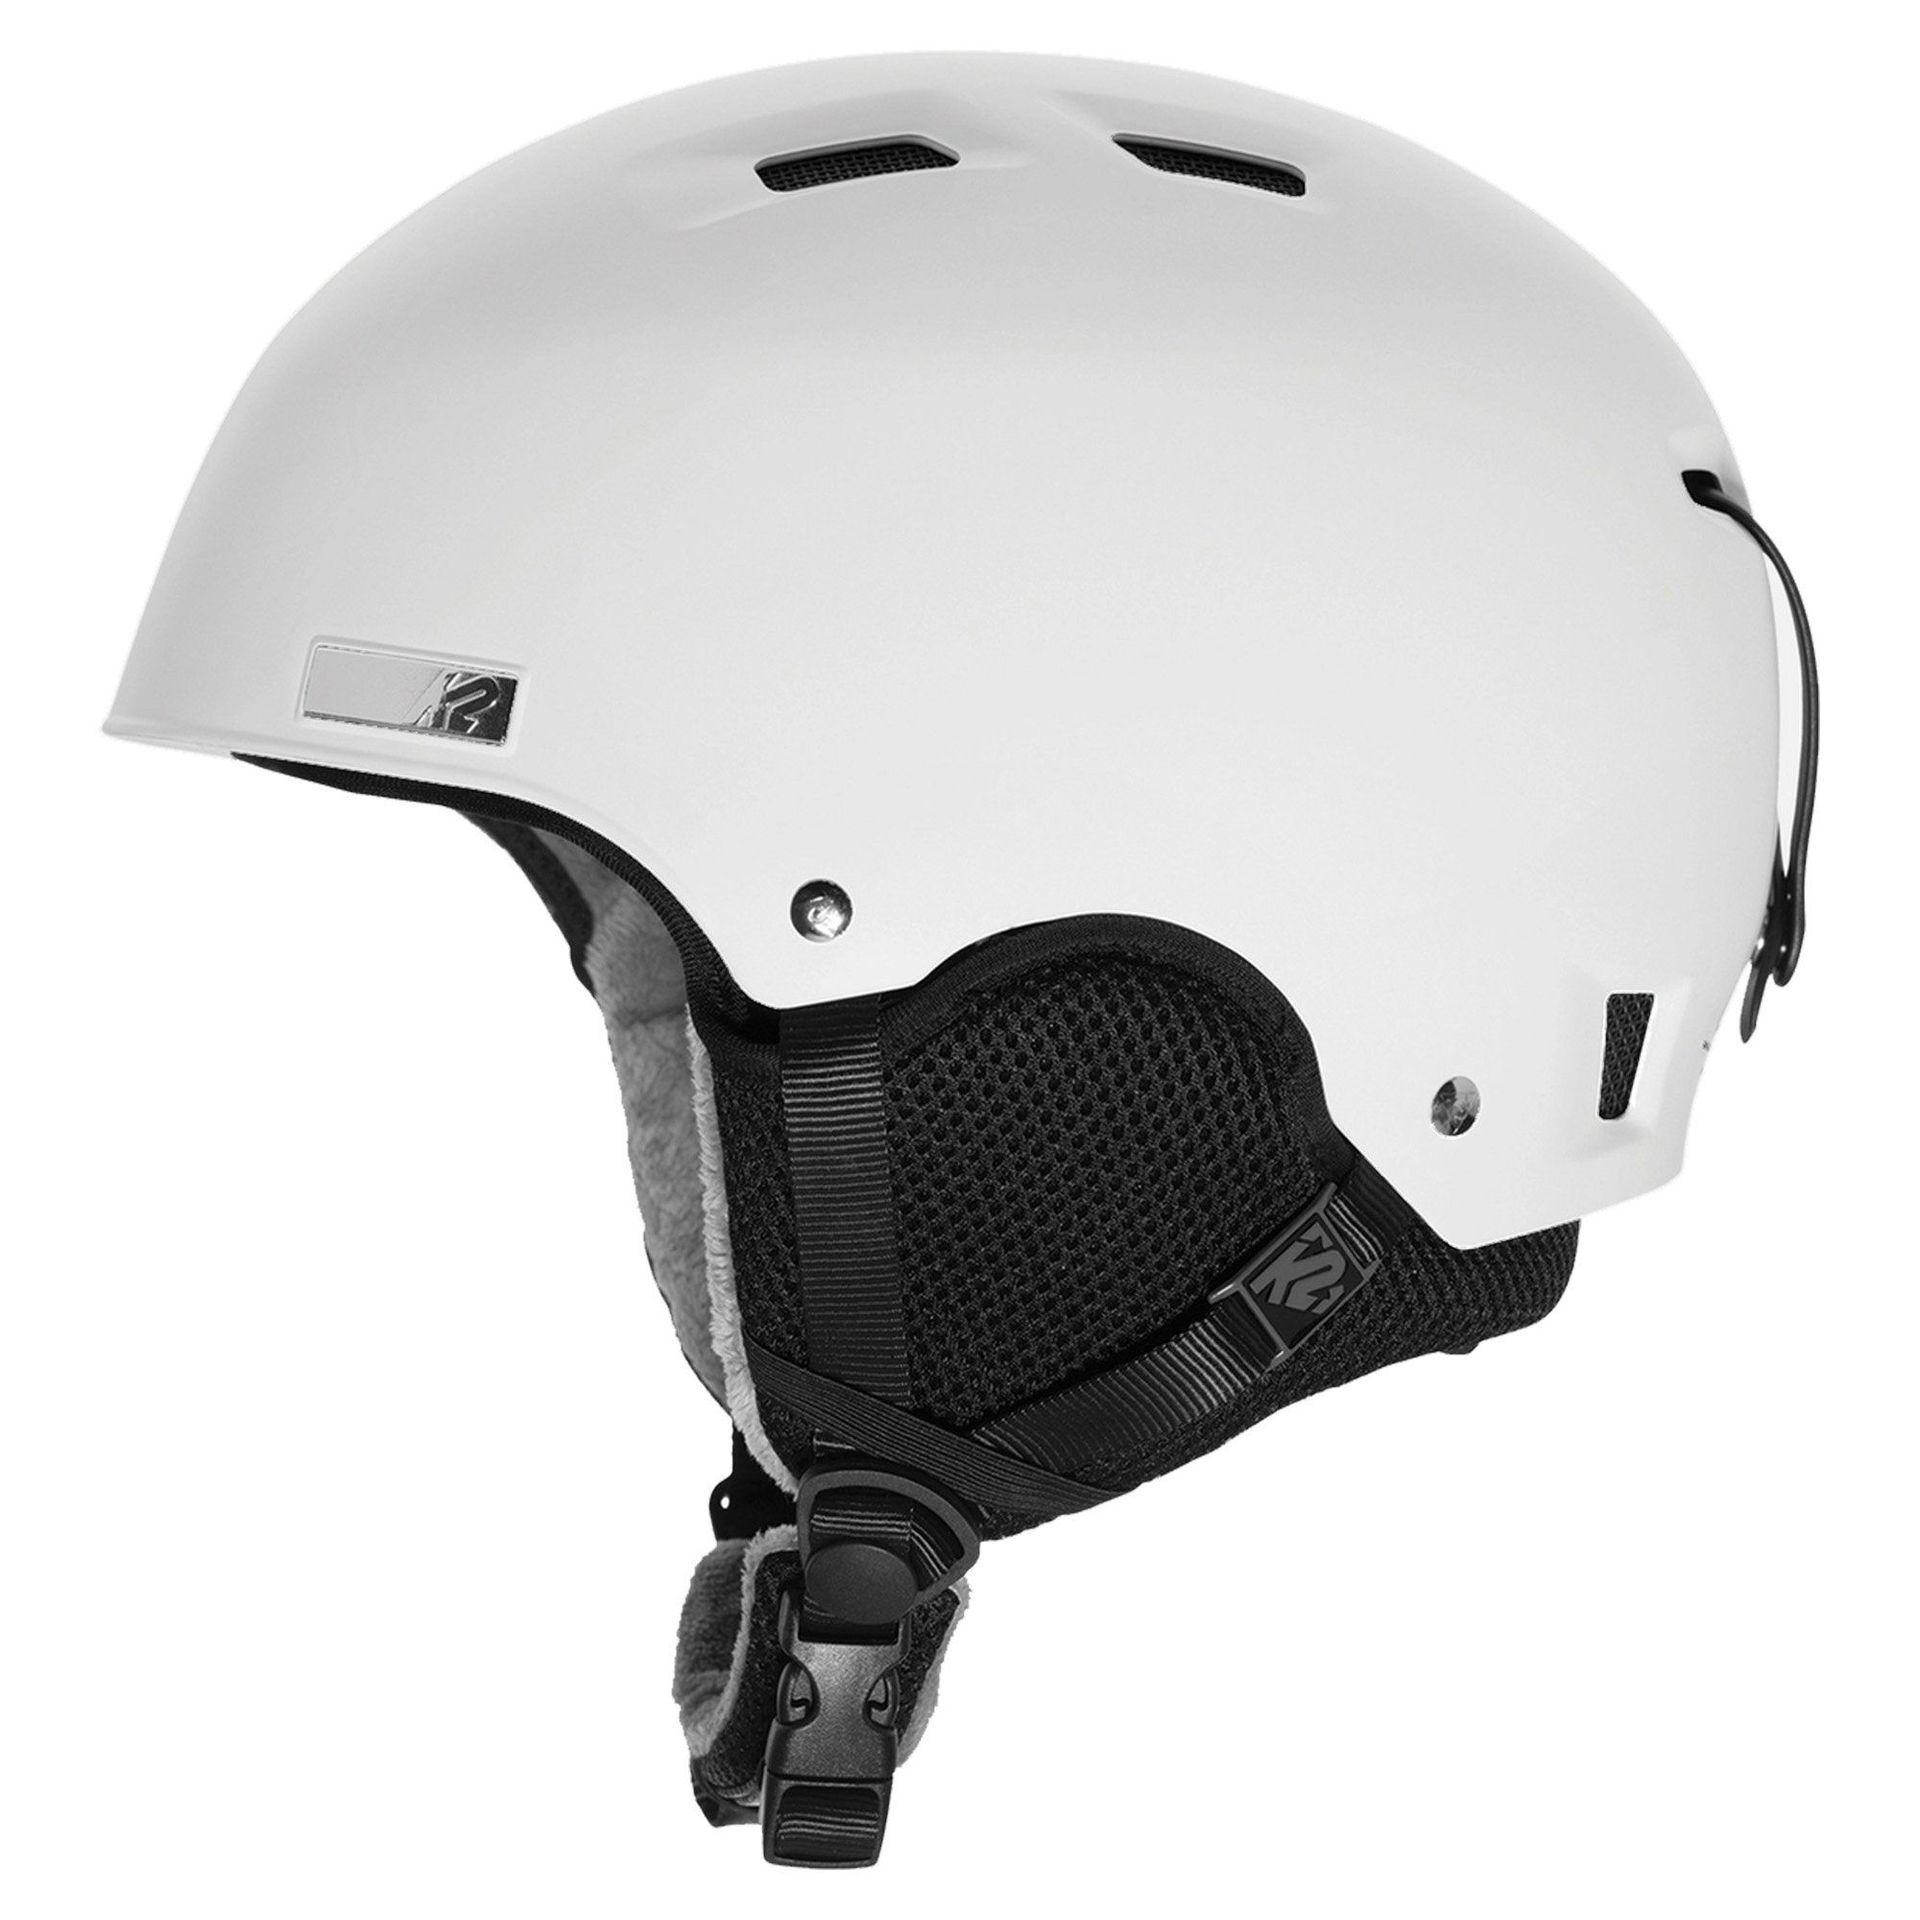 KASK K2 VERDICT 1054005-12 WHITE